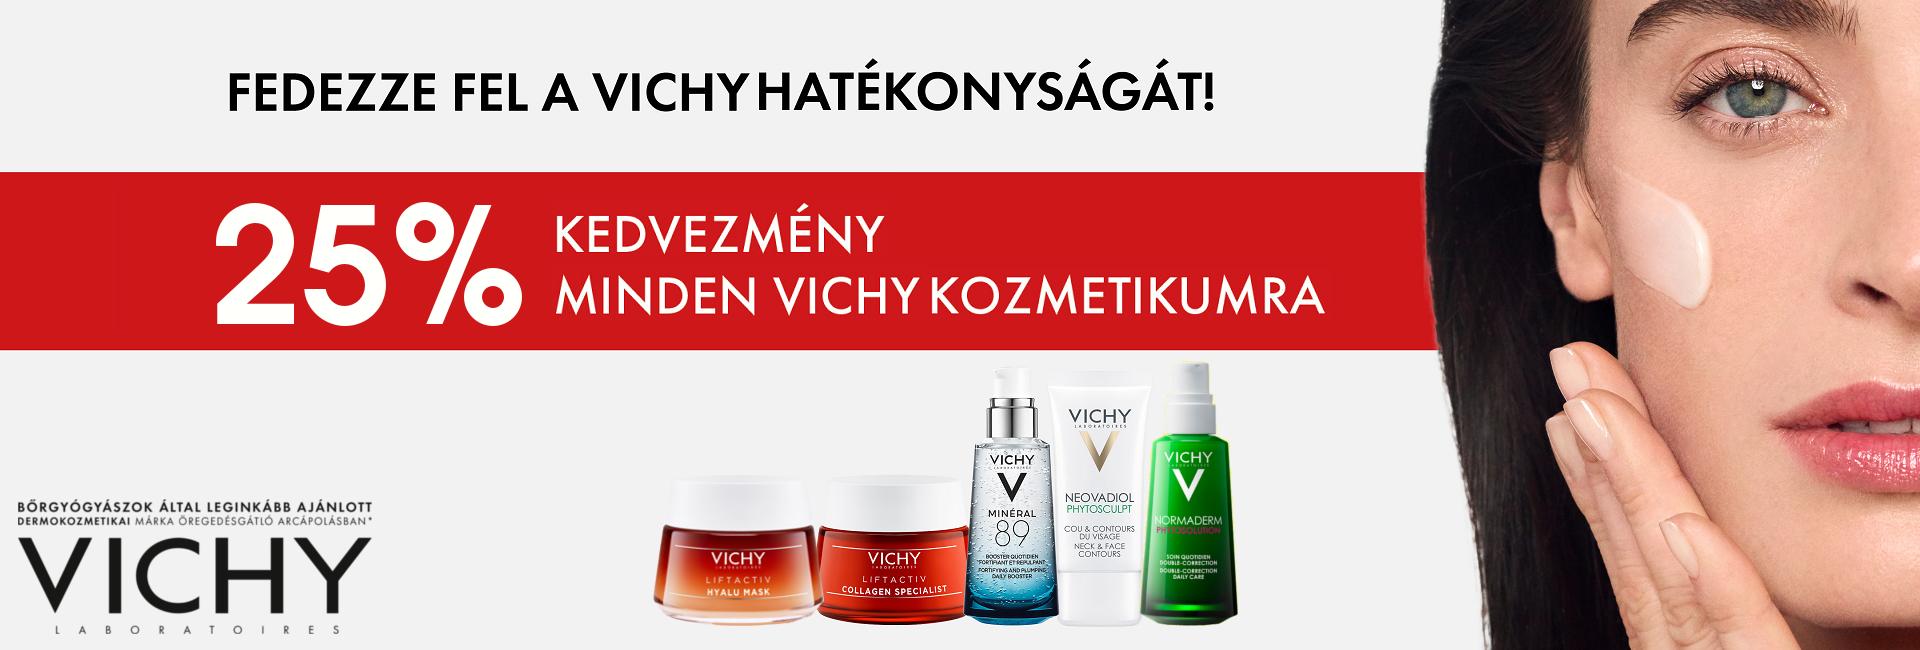 2020. február 10-17. között minden Vichy terméket 25% kedvezménnyel kínálunk!